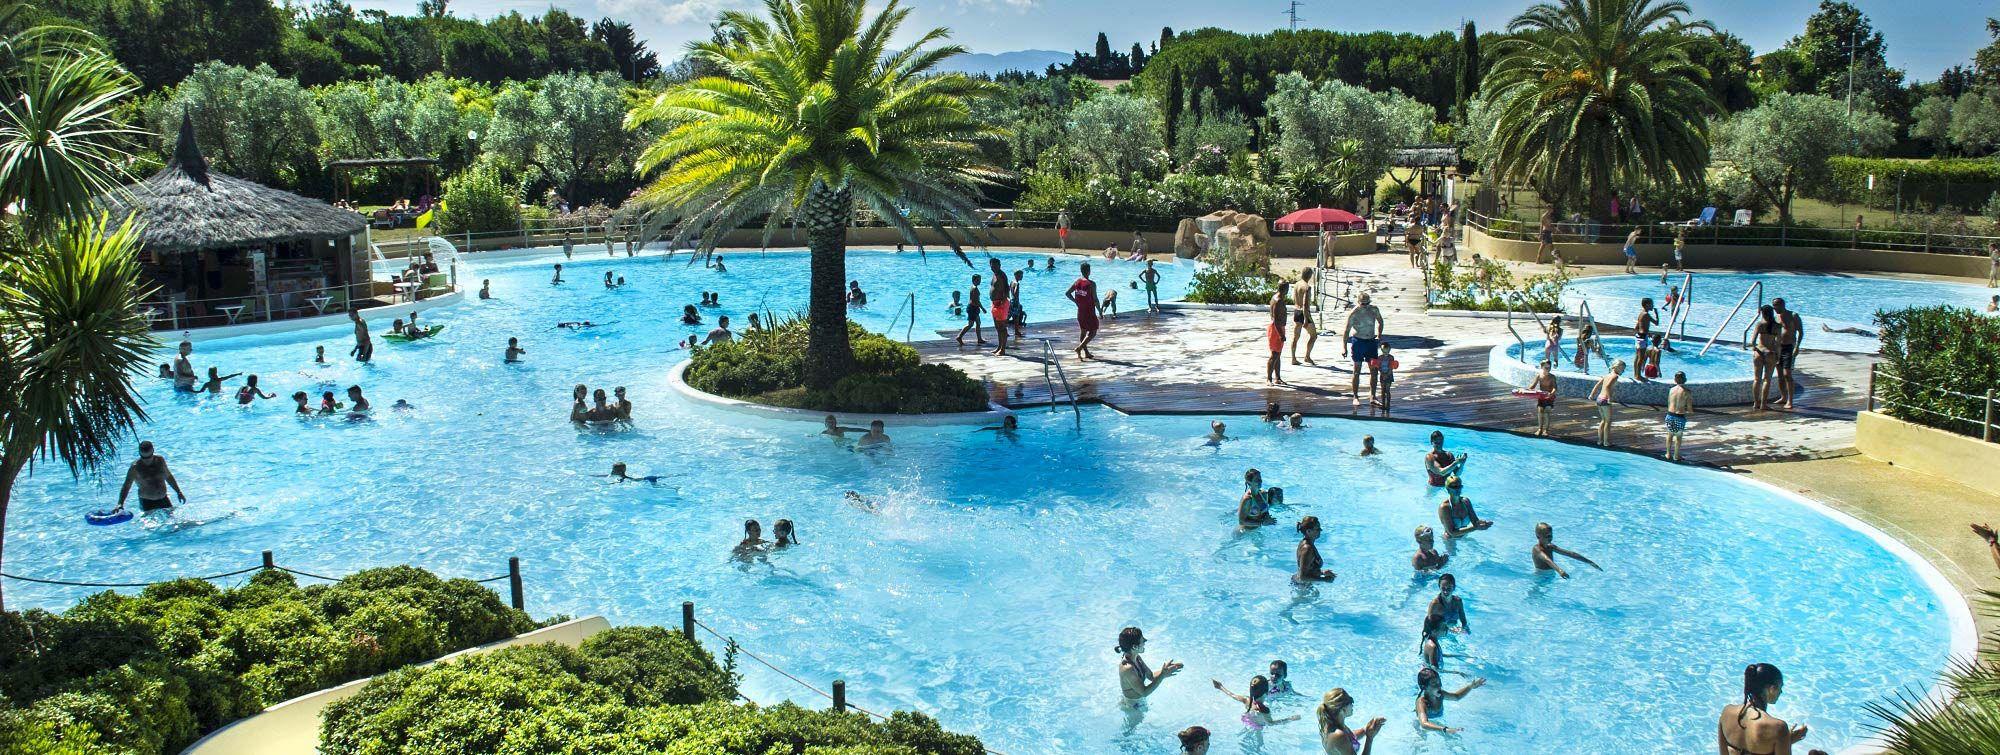 Campeggio con piscine in Toscana